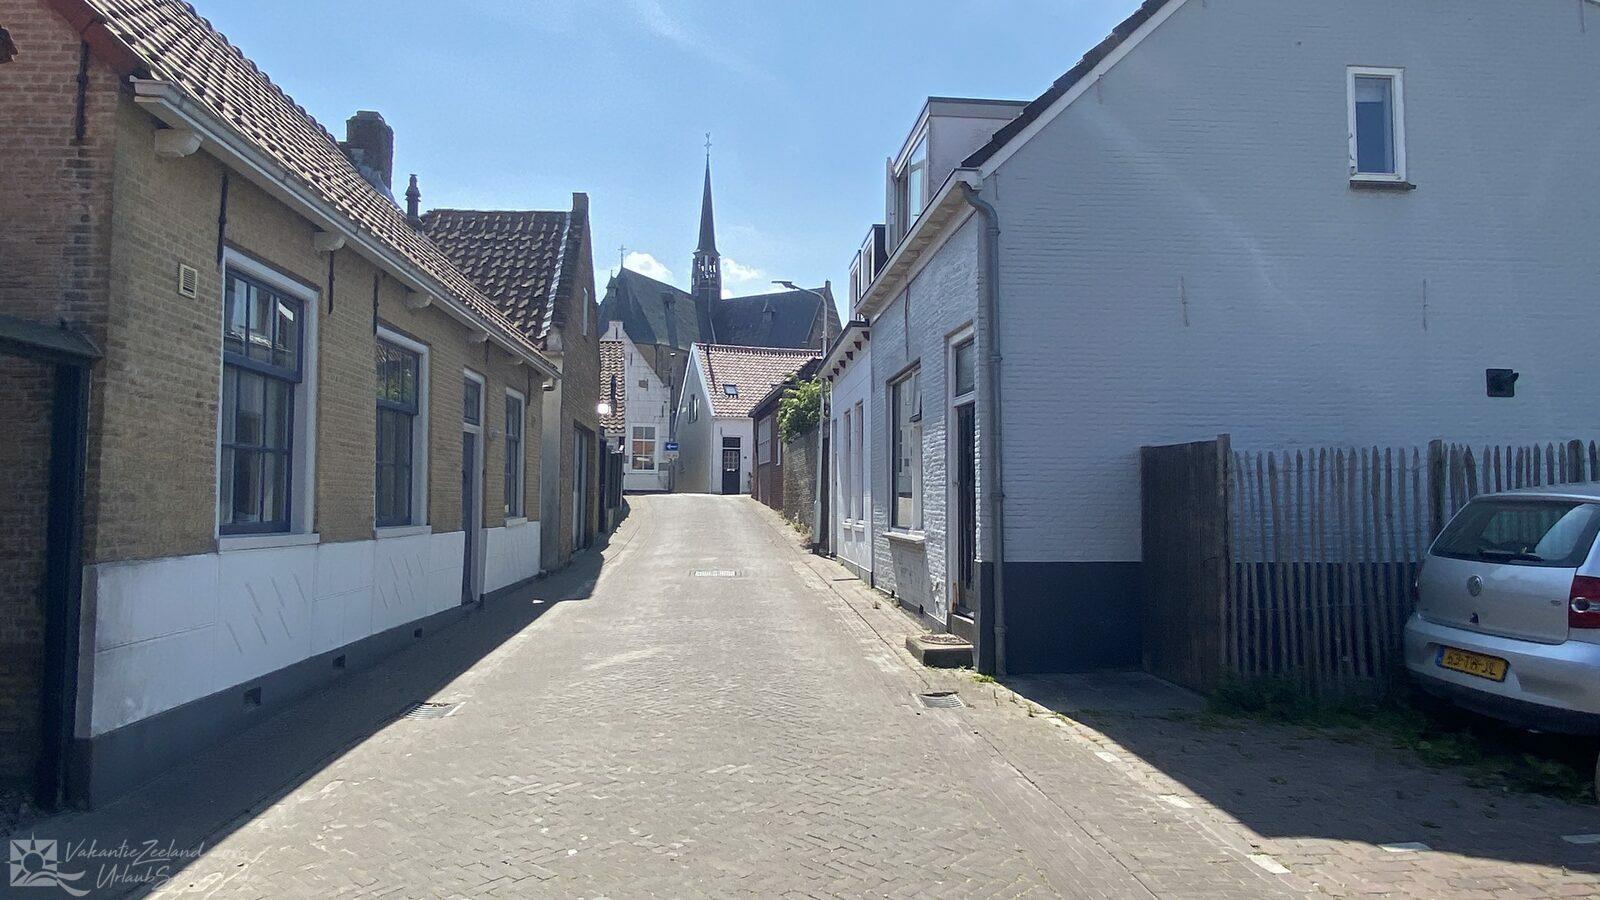 VZ786 Vakantiehuis Brouwershaven